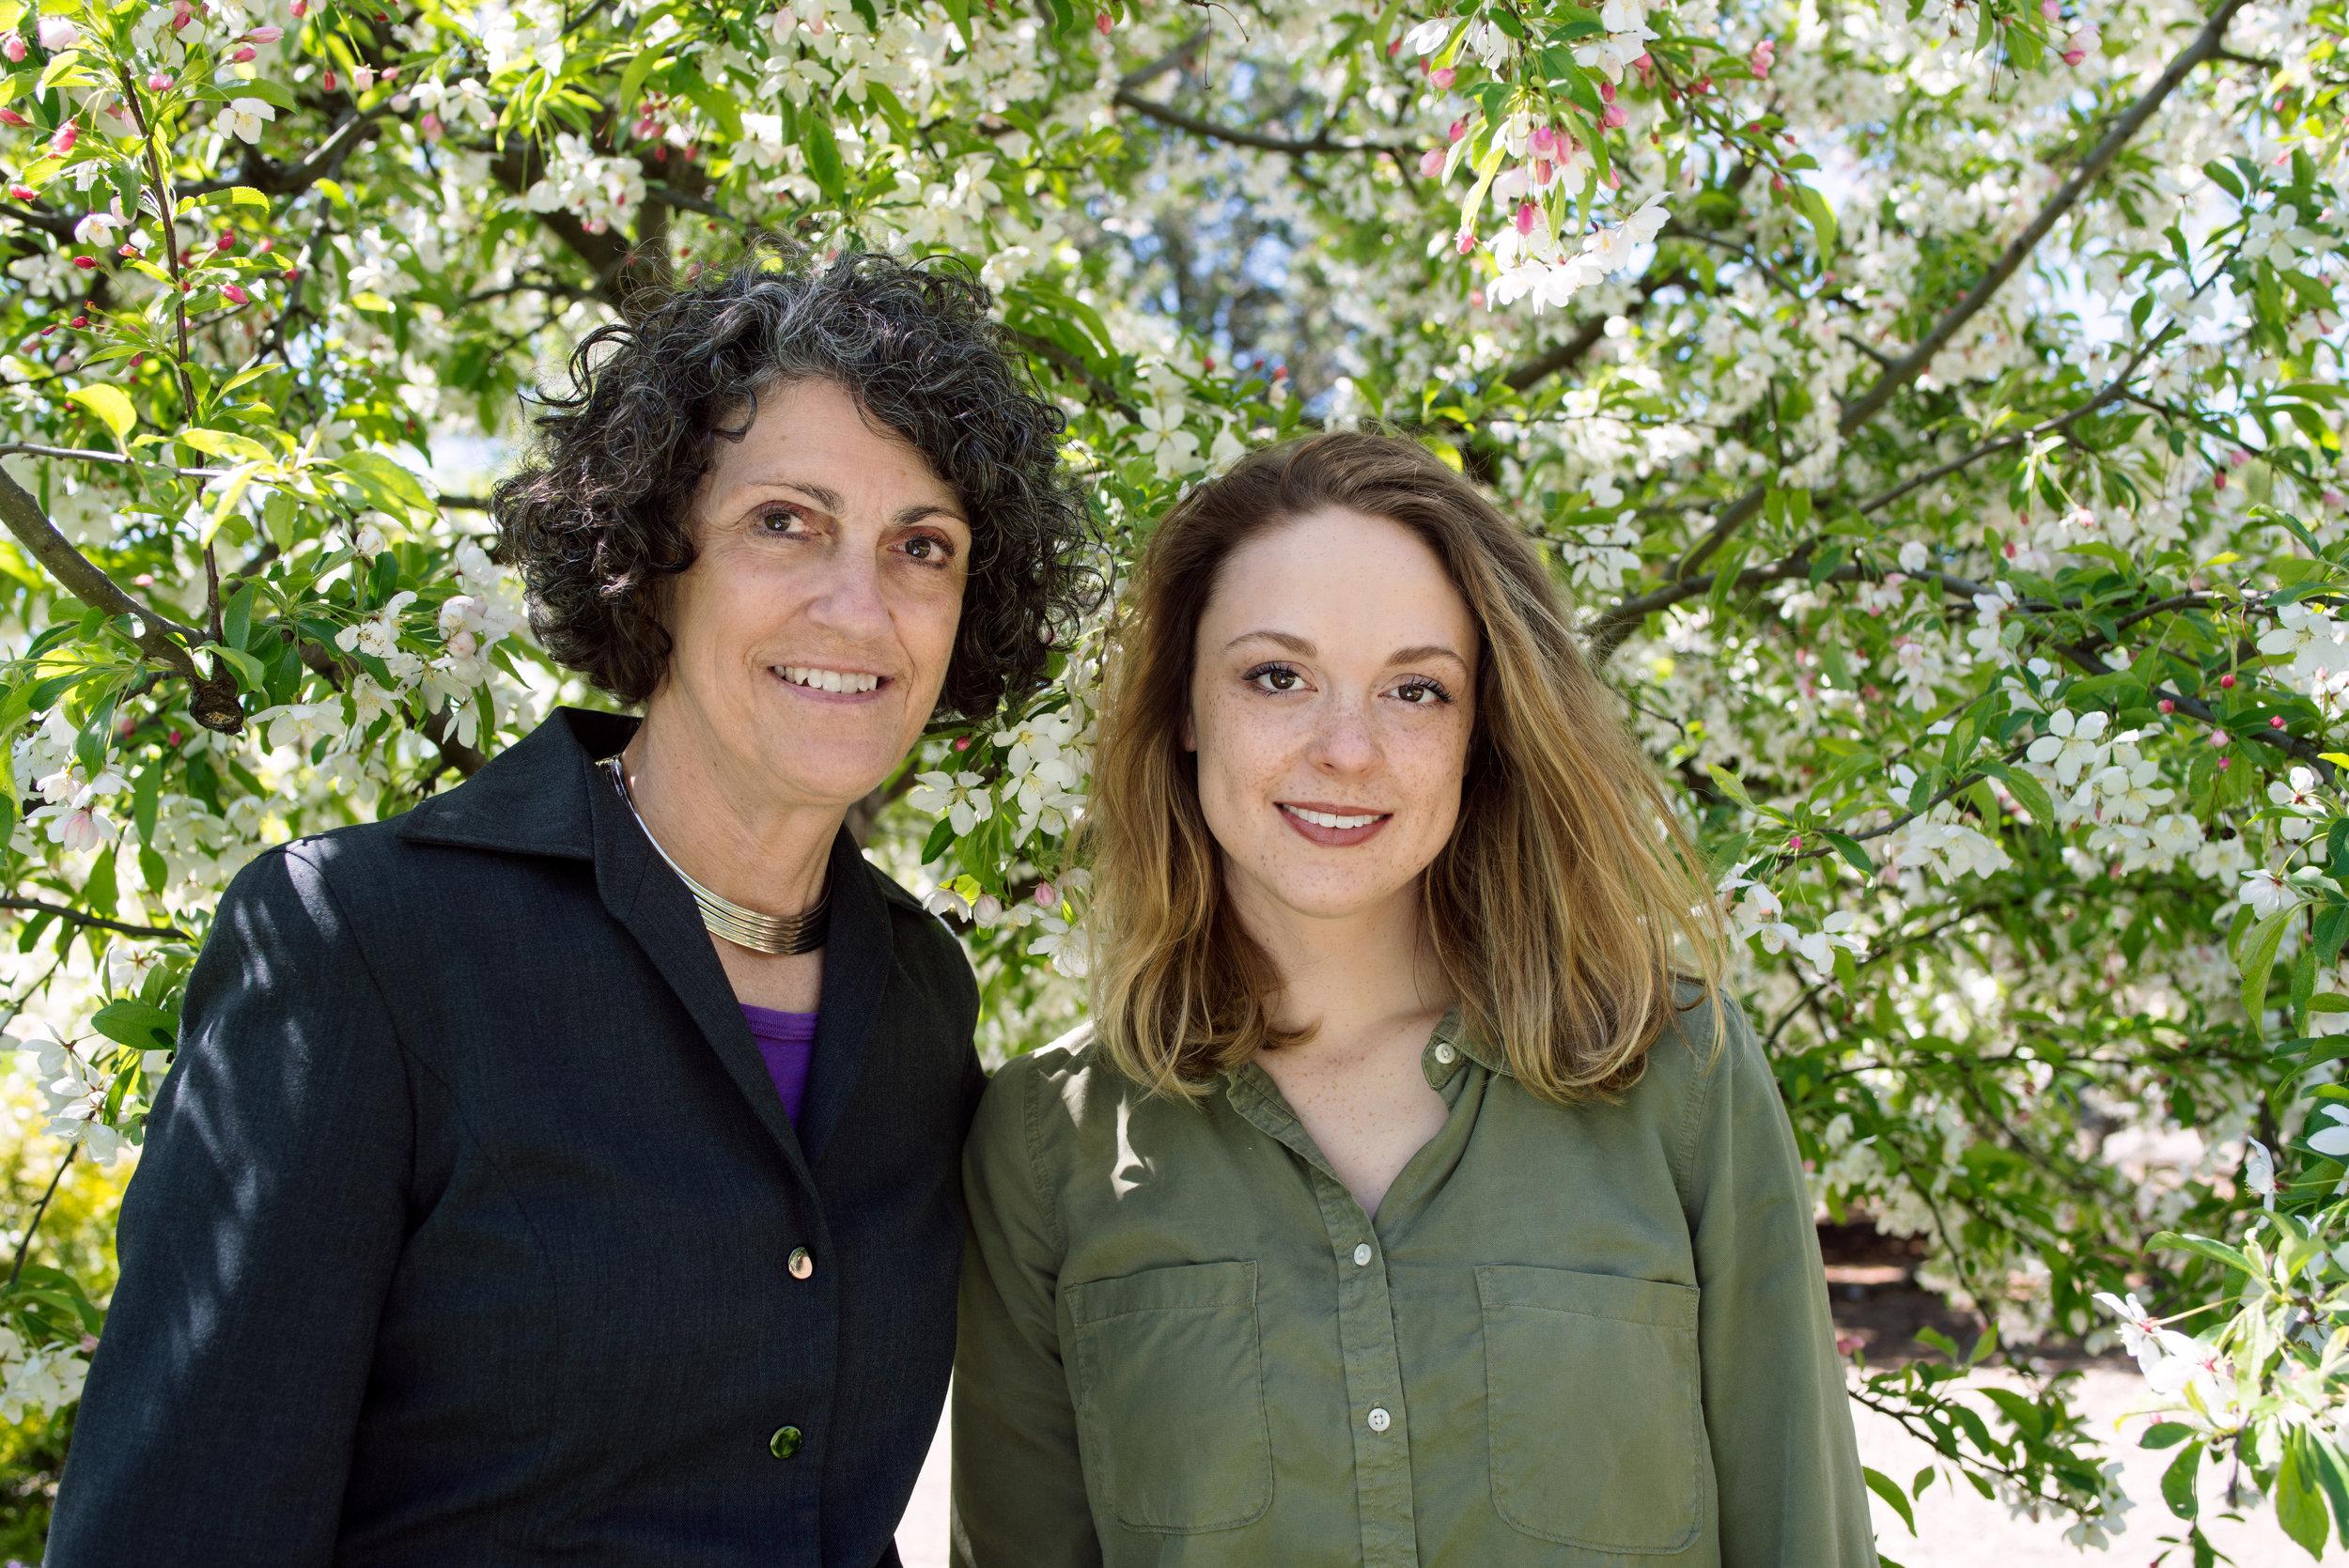 Heather&Leslie 2 - WEB.jpg